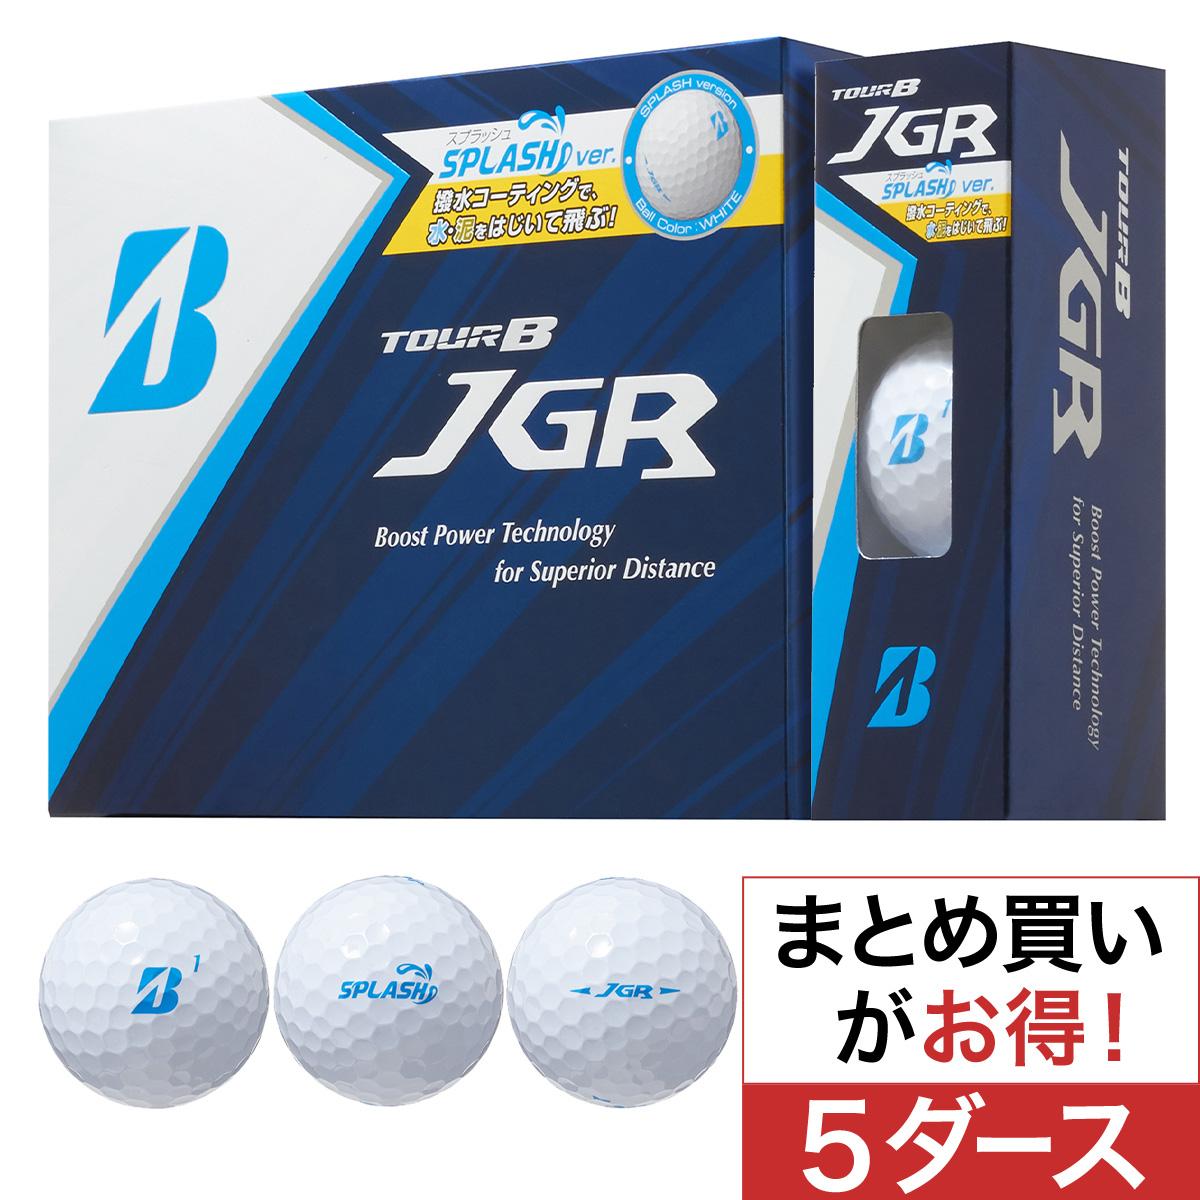 TOUR B JGR SPLASH ボール 5ダースセット